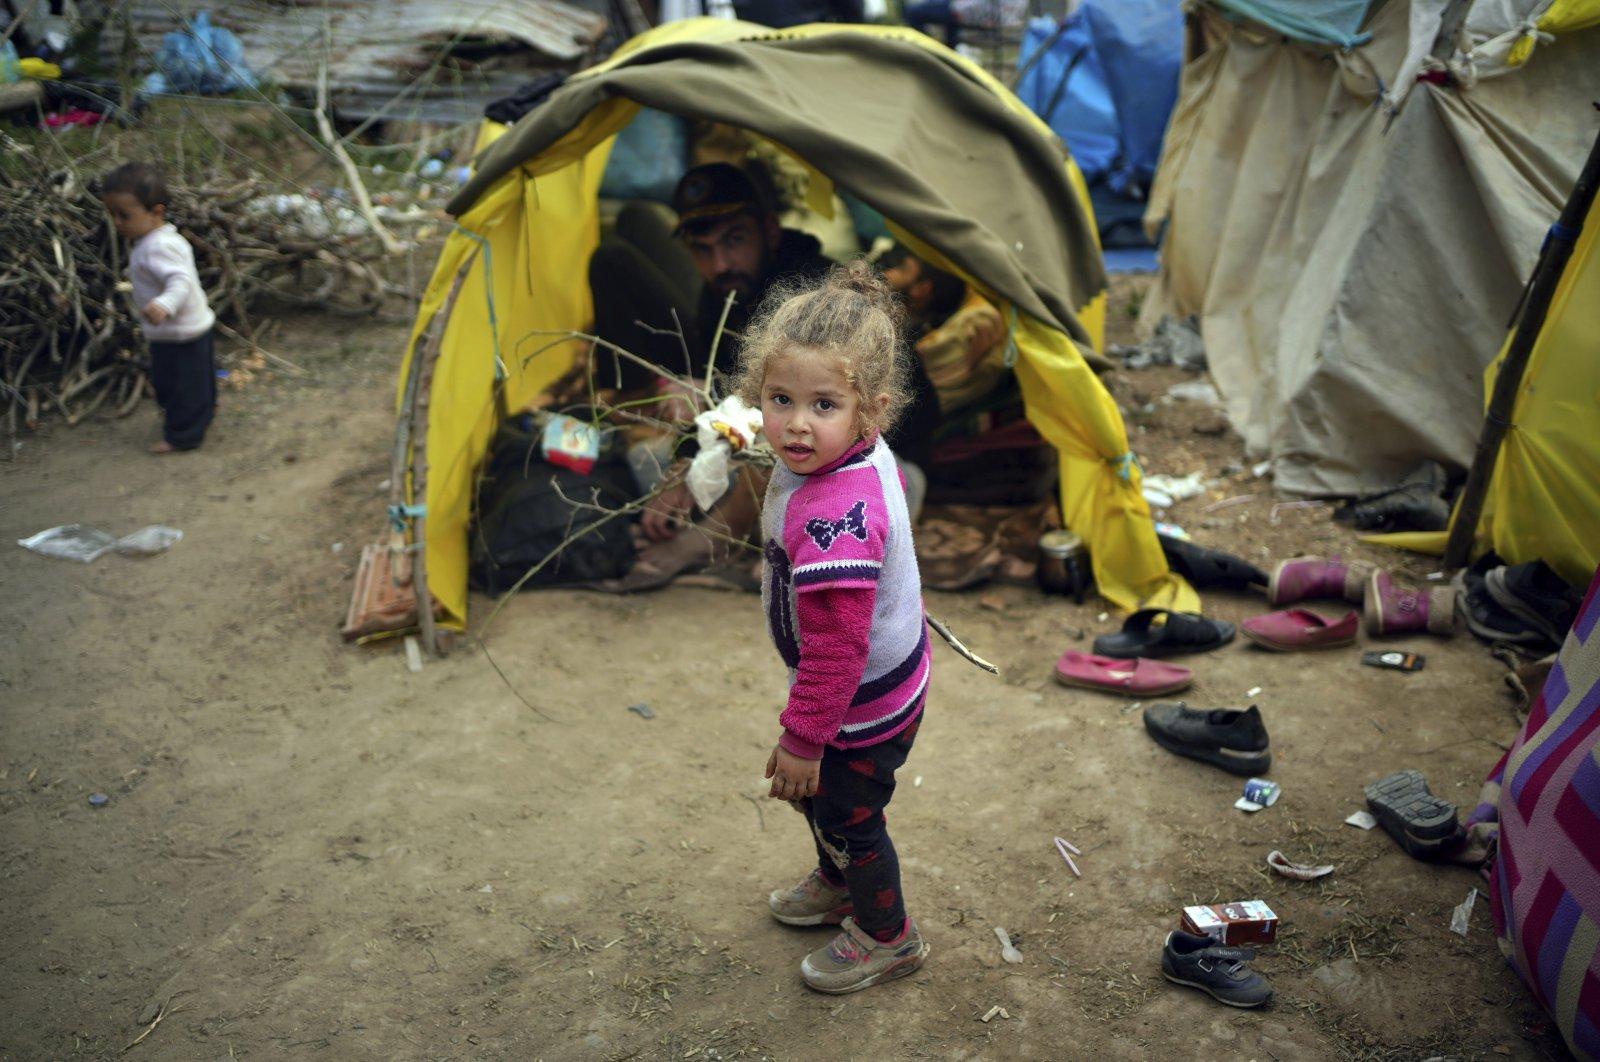 A child walks next to tends in a migrant camp set up near the Turkish-Greek border in Pazarkule, Edirne region, northwestern Turkey, March 10, 2020. (AP Photo)